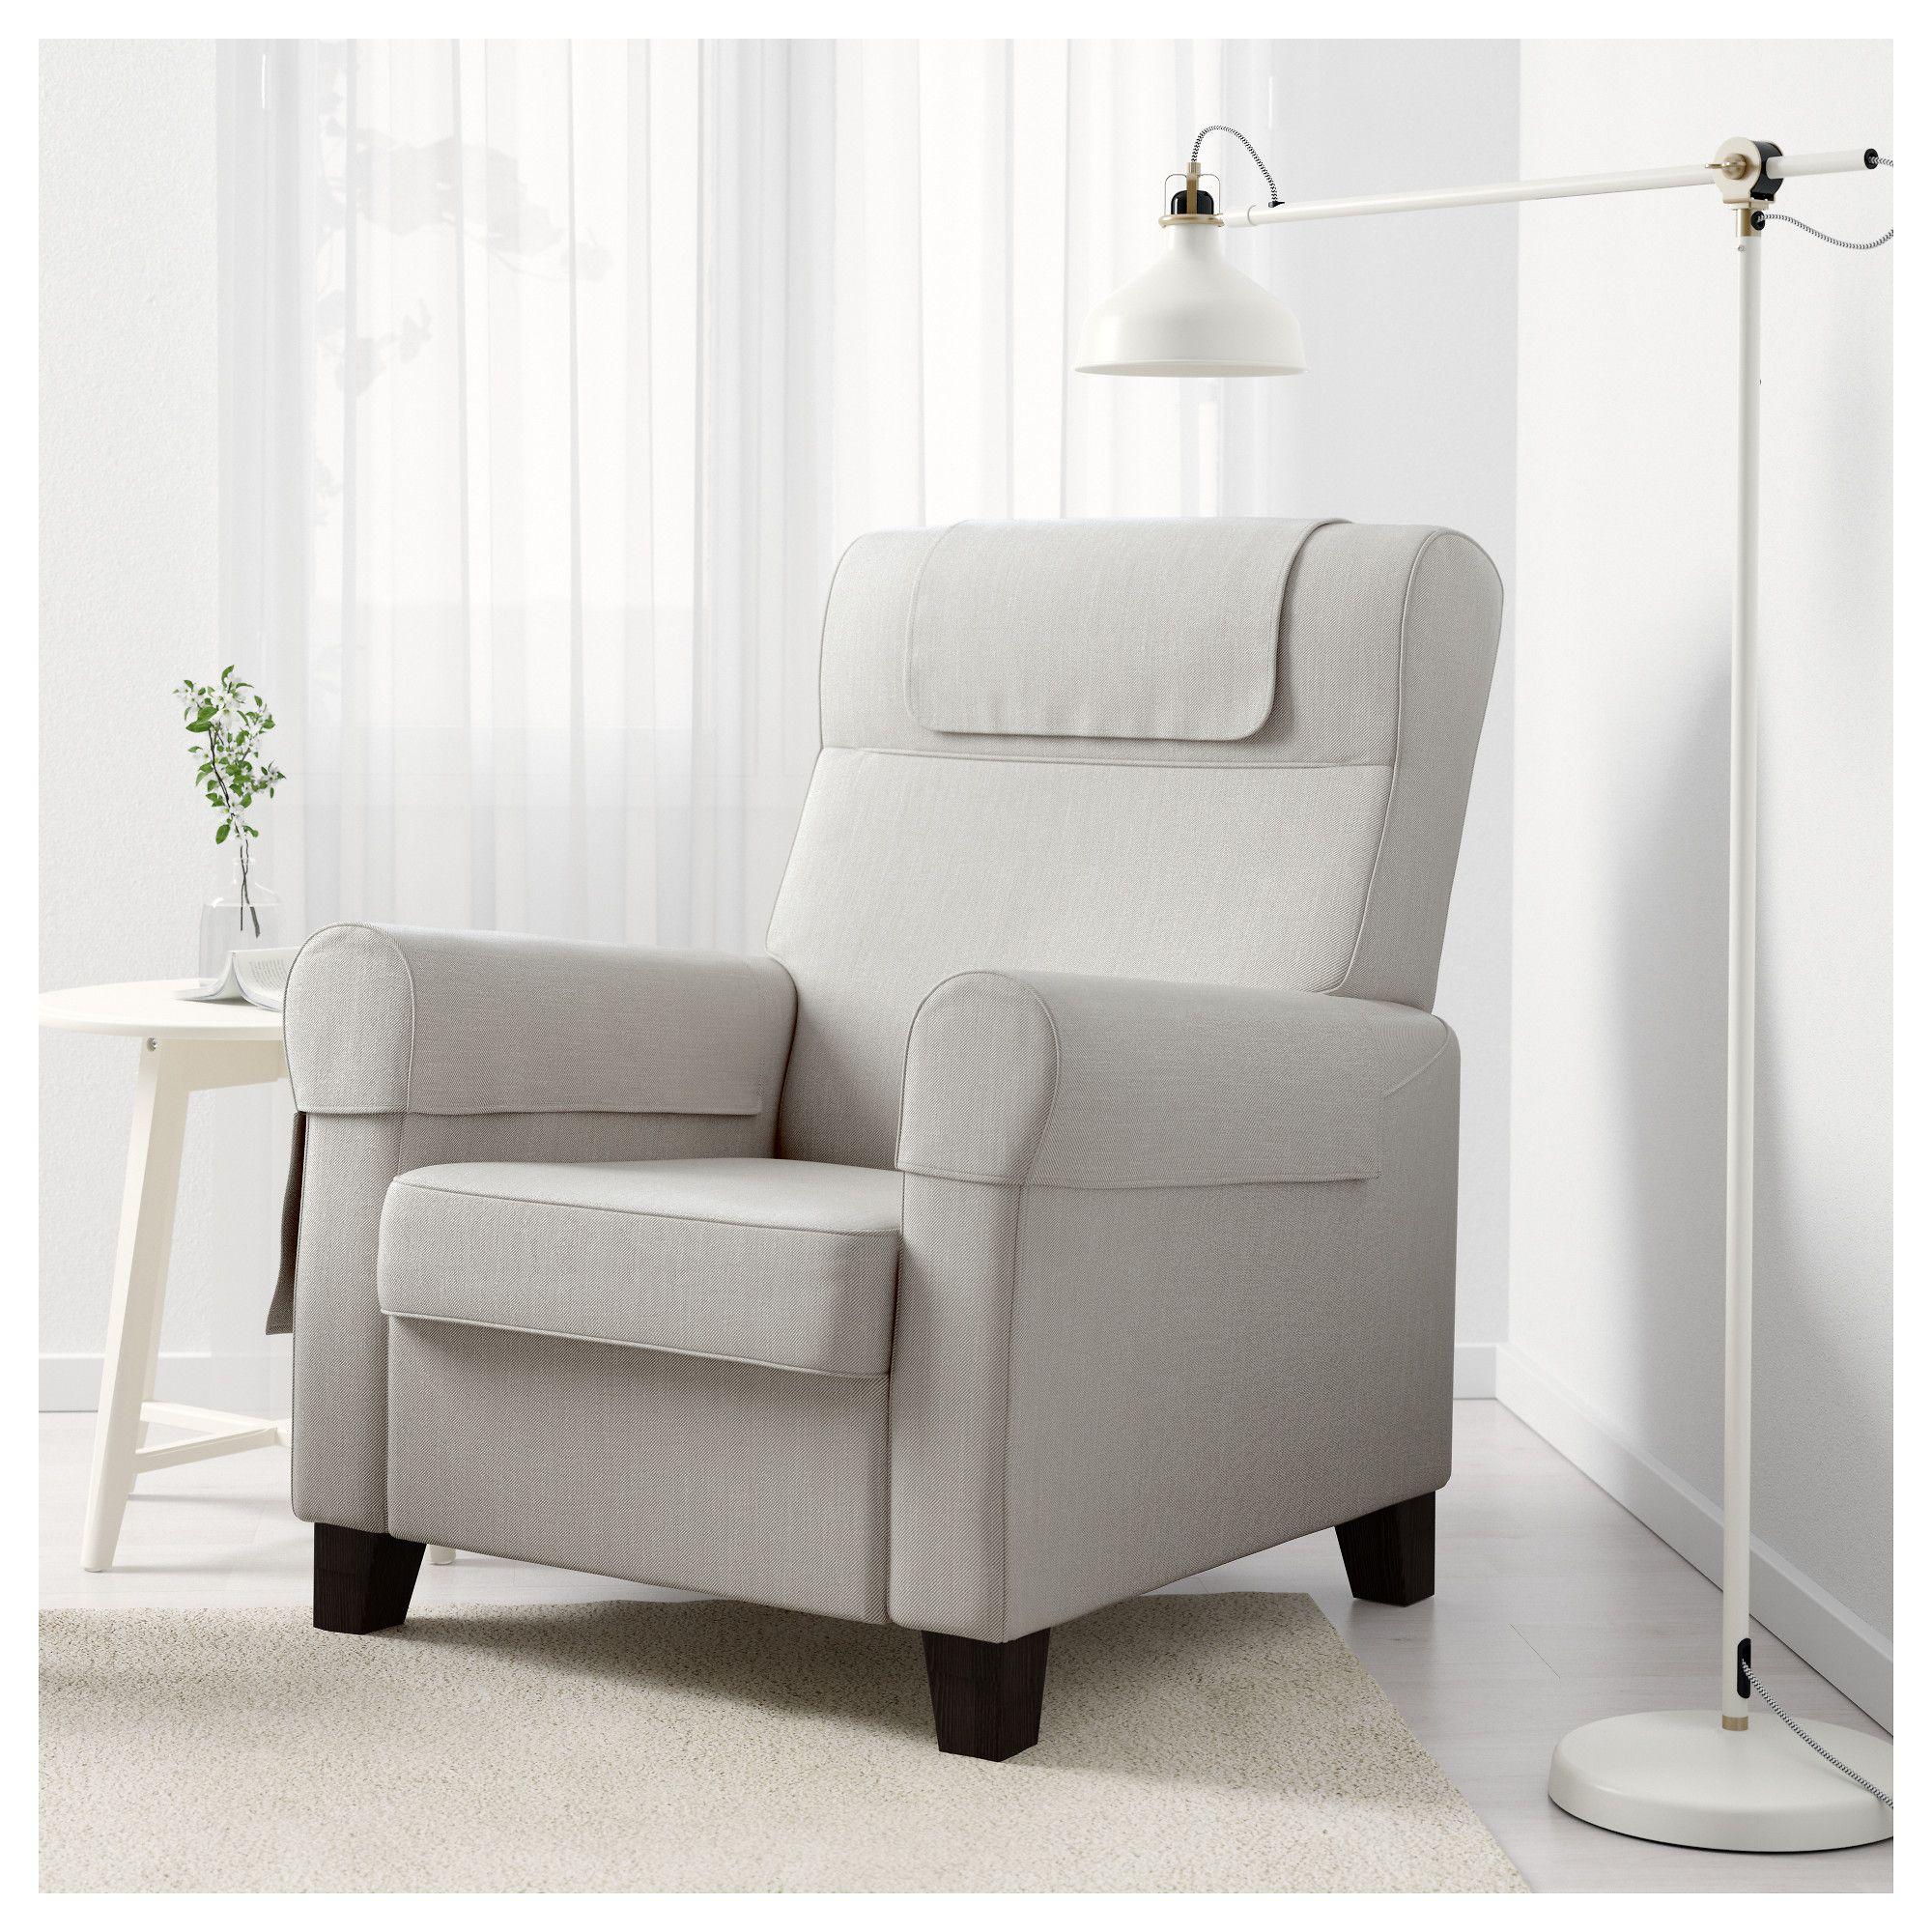 Ektorp Muren Fauteuil.Muren Recliner Nordvalla Beige Ikea Most Comfortable